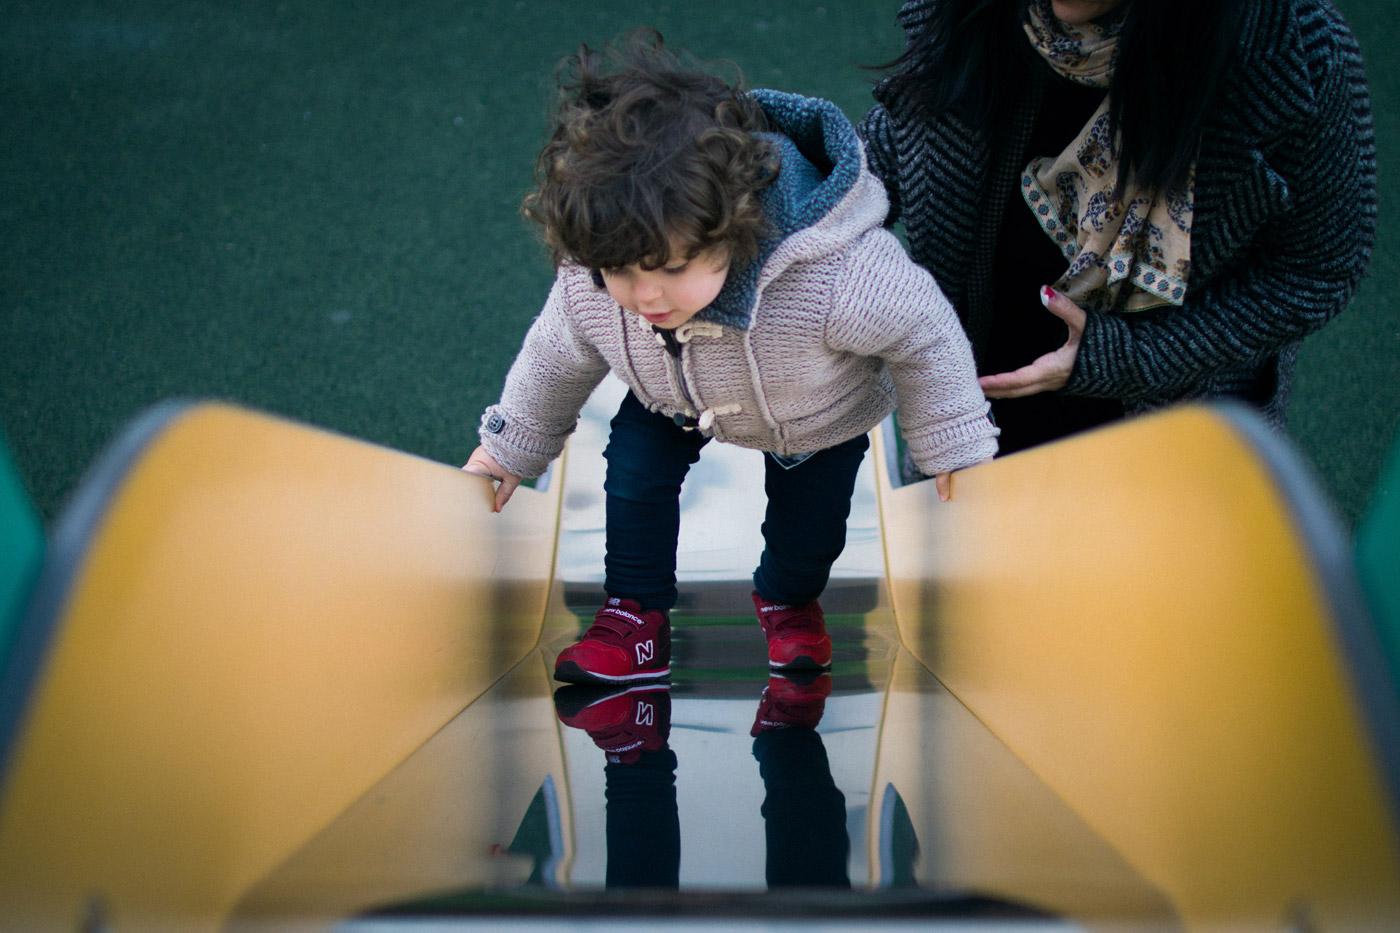 niño subiendo un tobogán al revés con la mano protectora de su madre